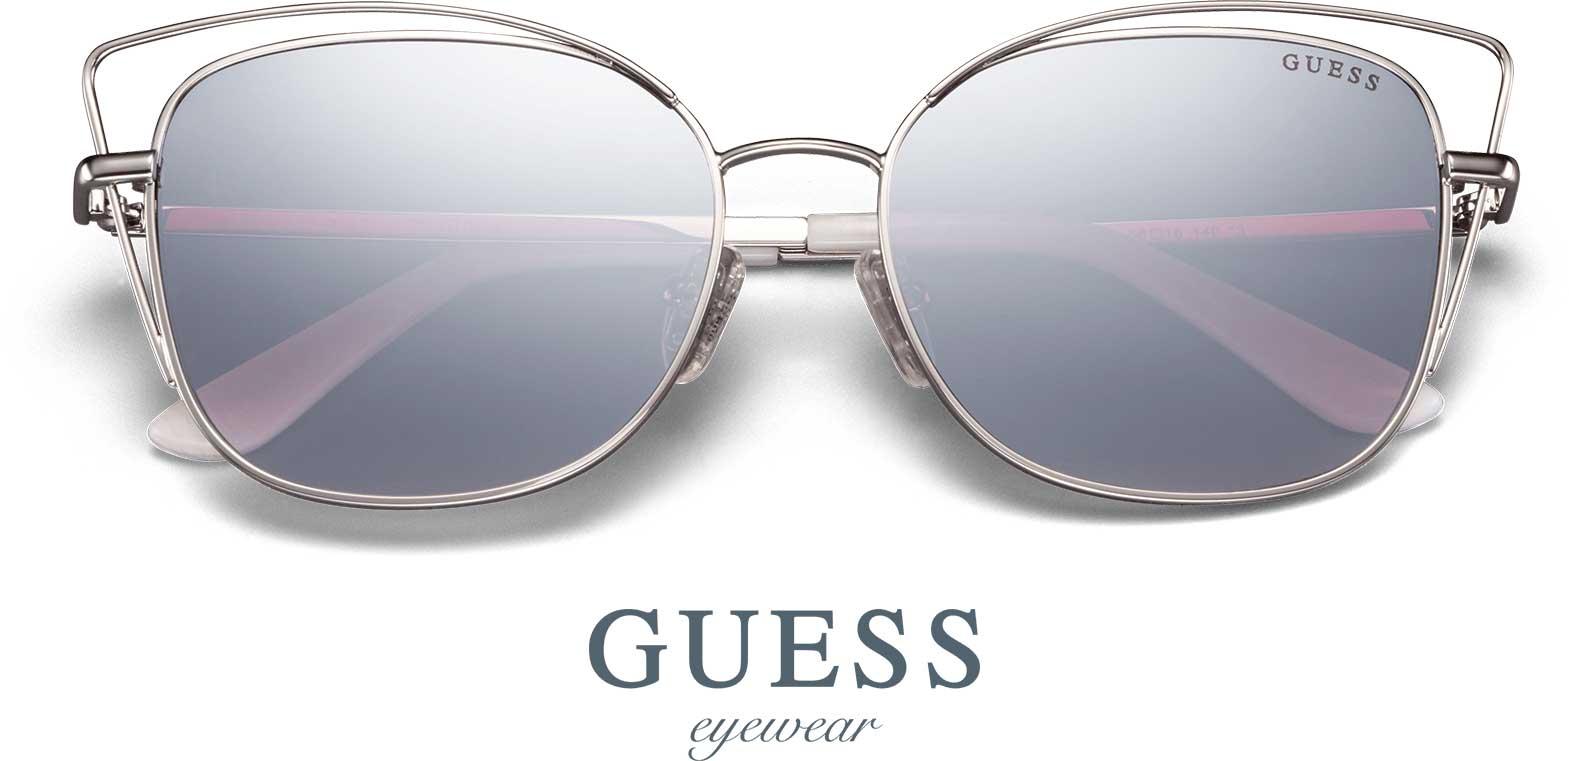 Guess silmälasit 2018